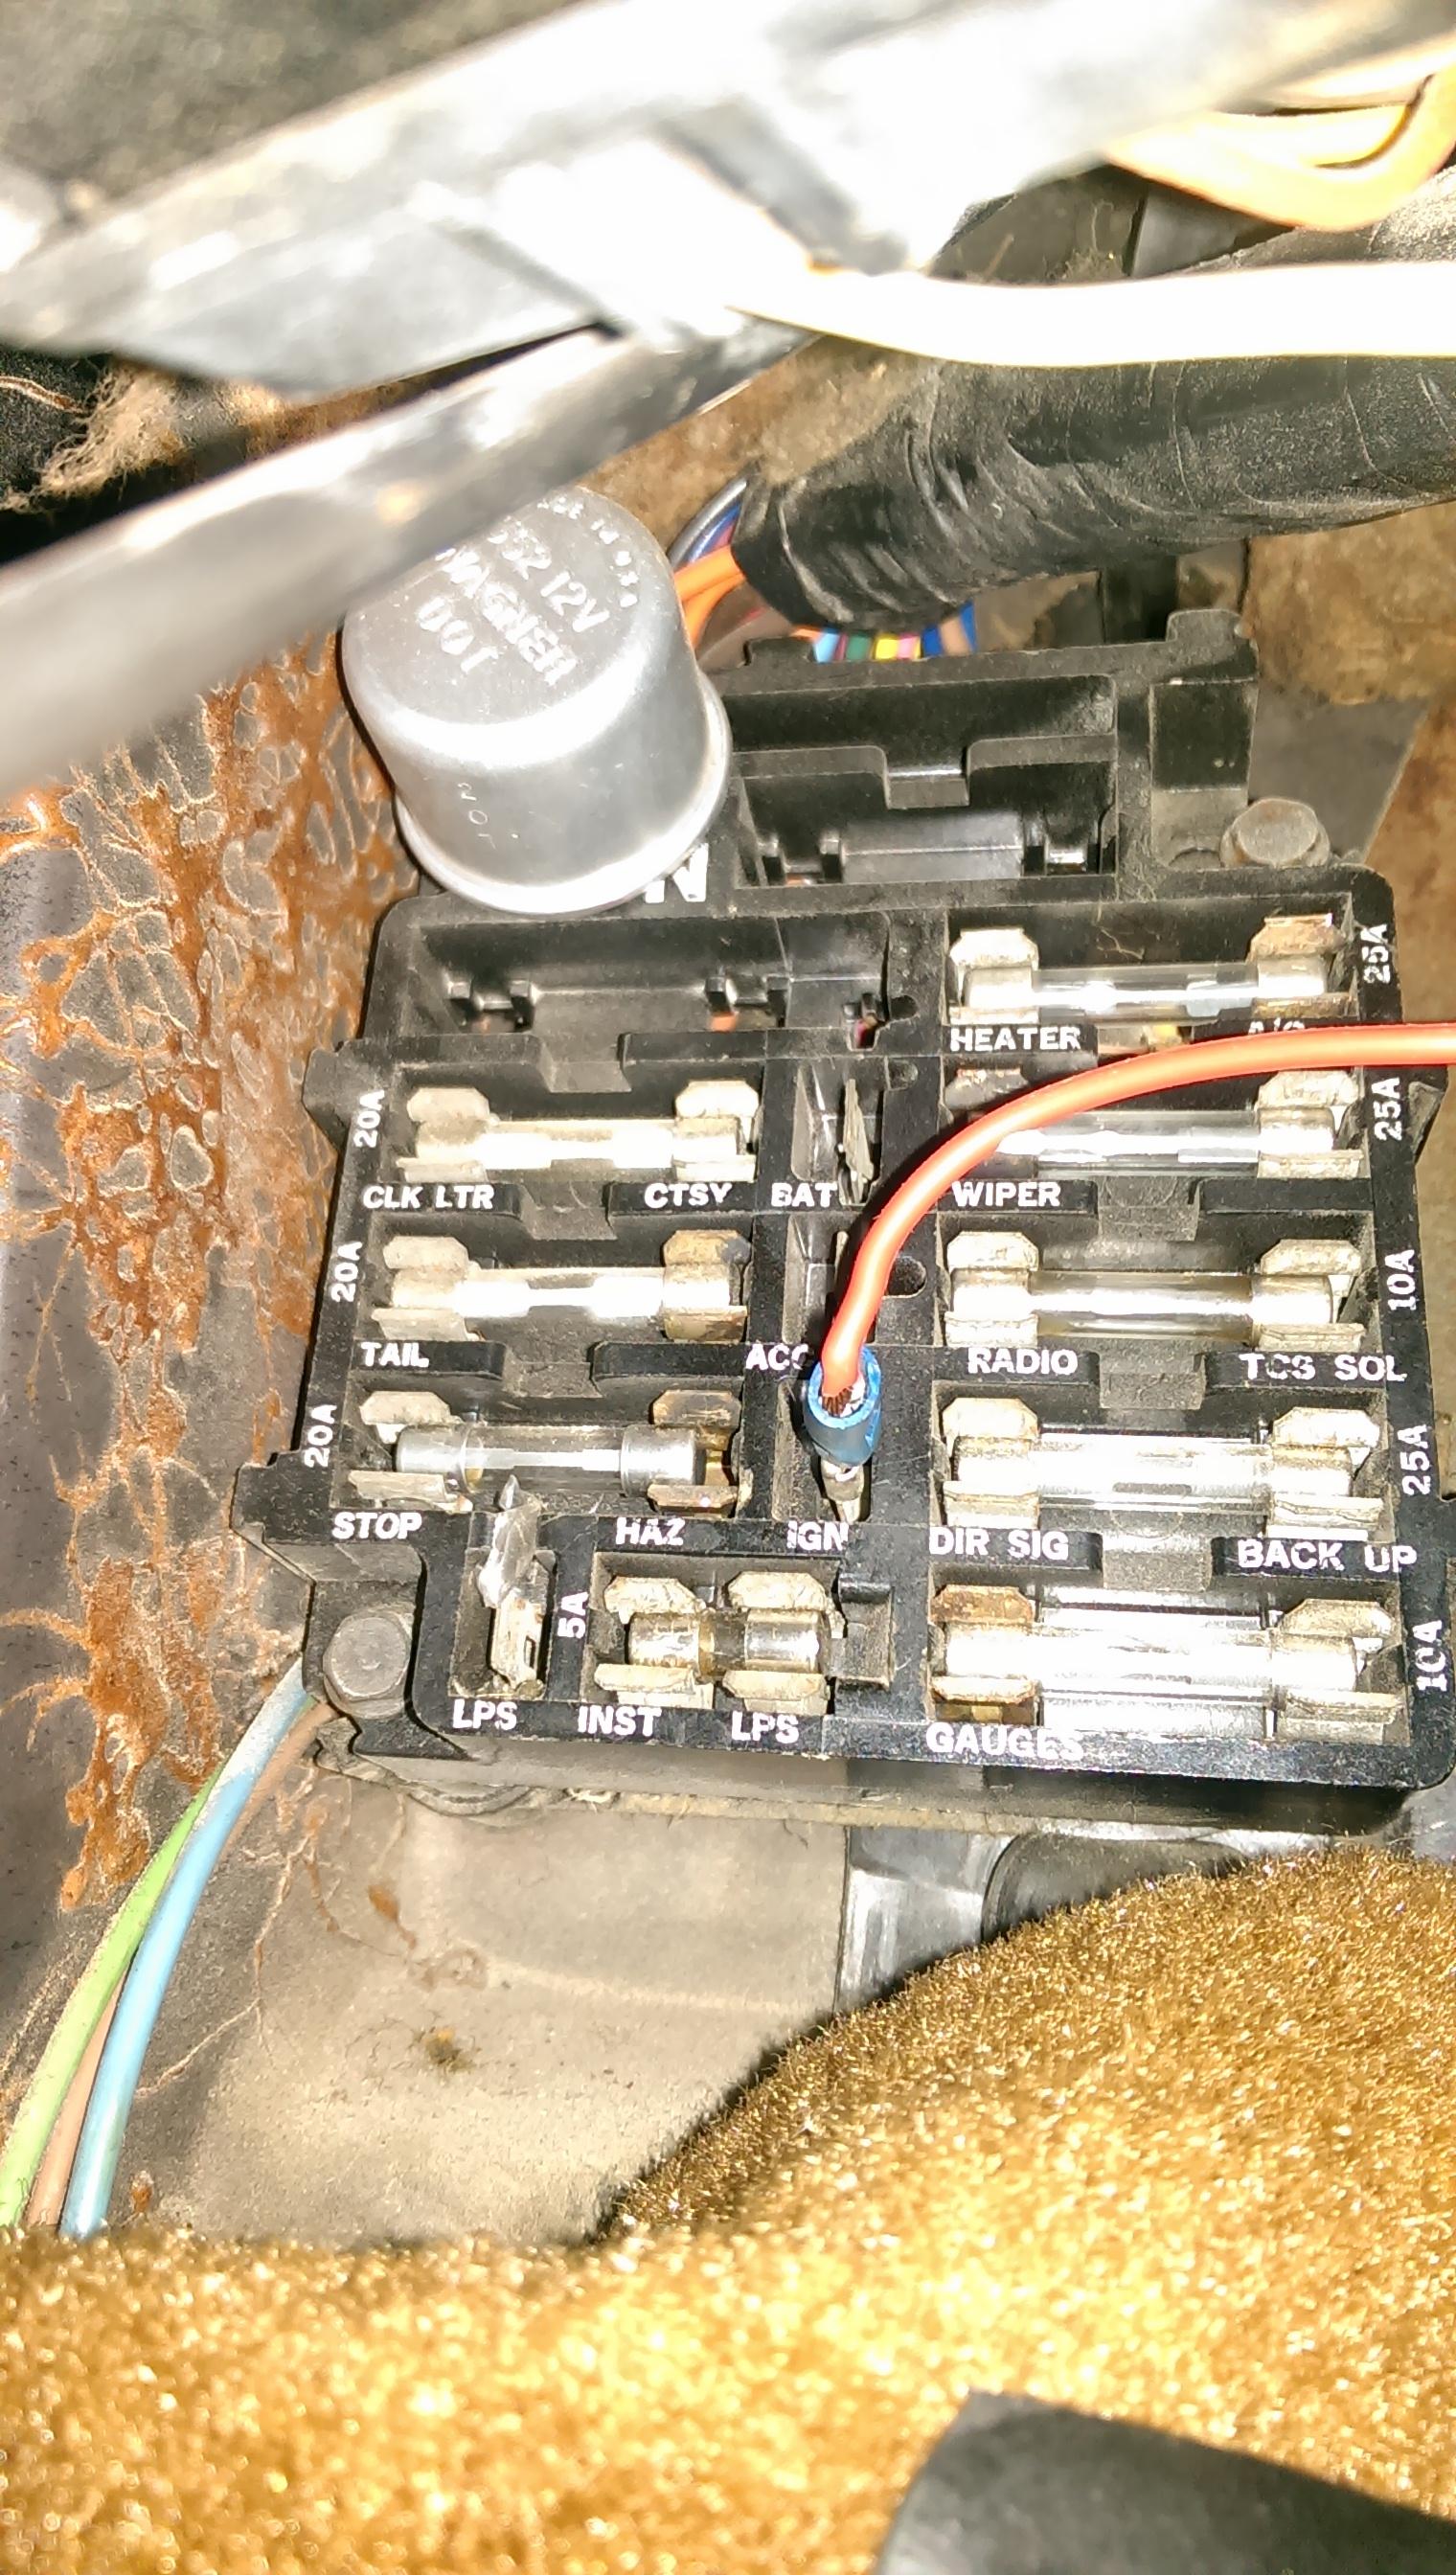 72-fuse-panel-b1975 corvette fuse panel.jpg